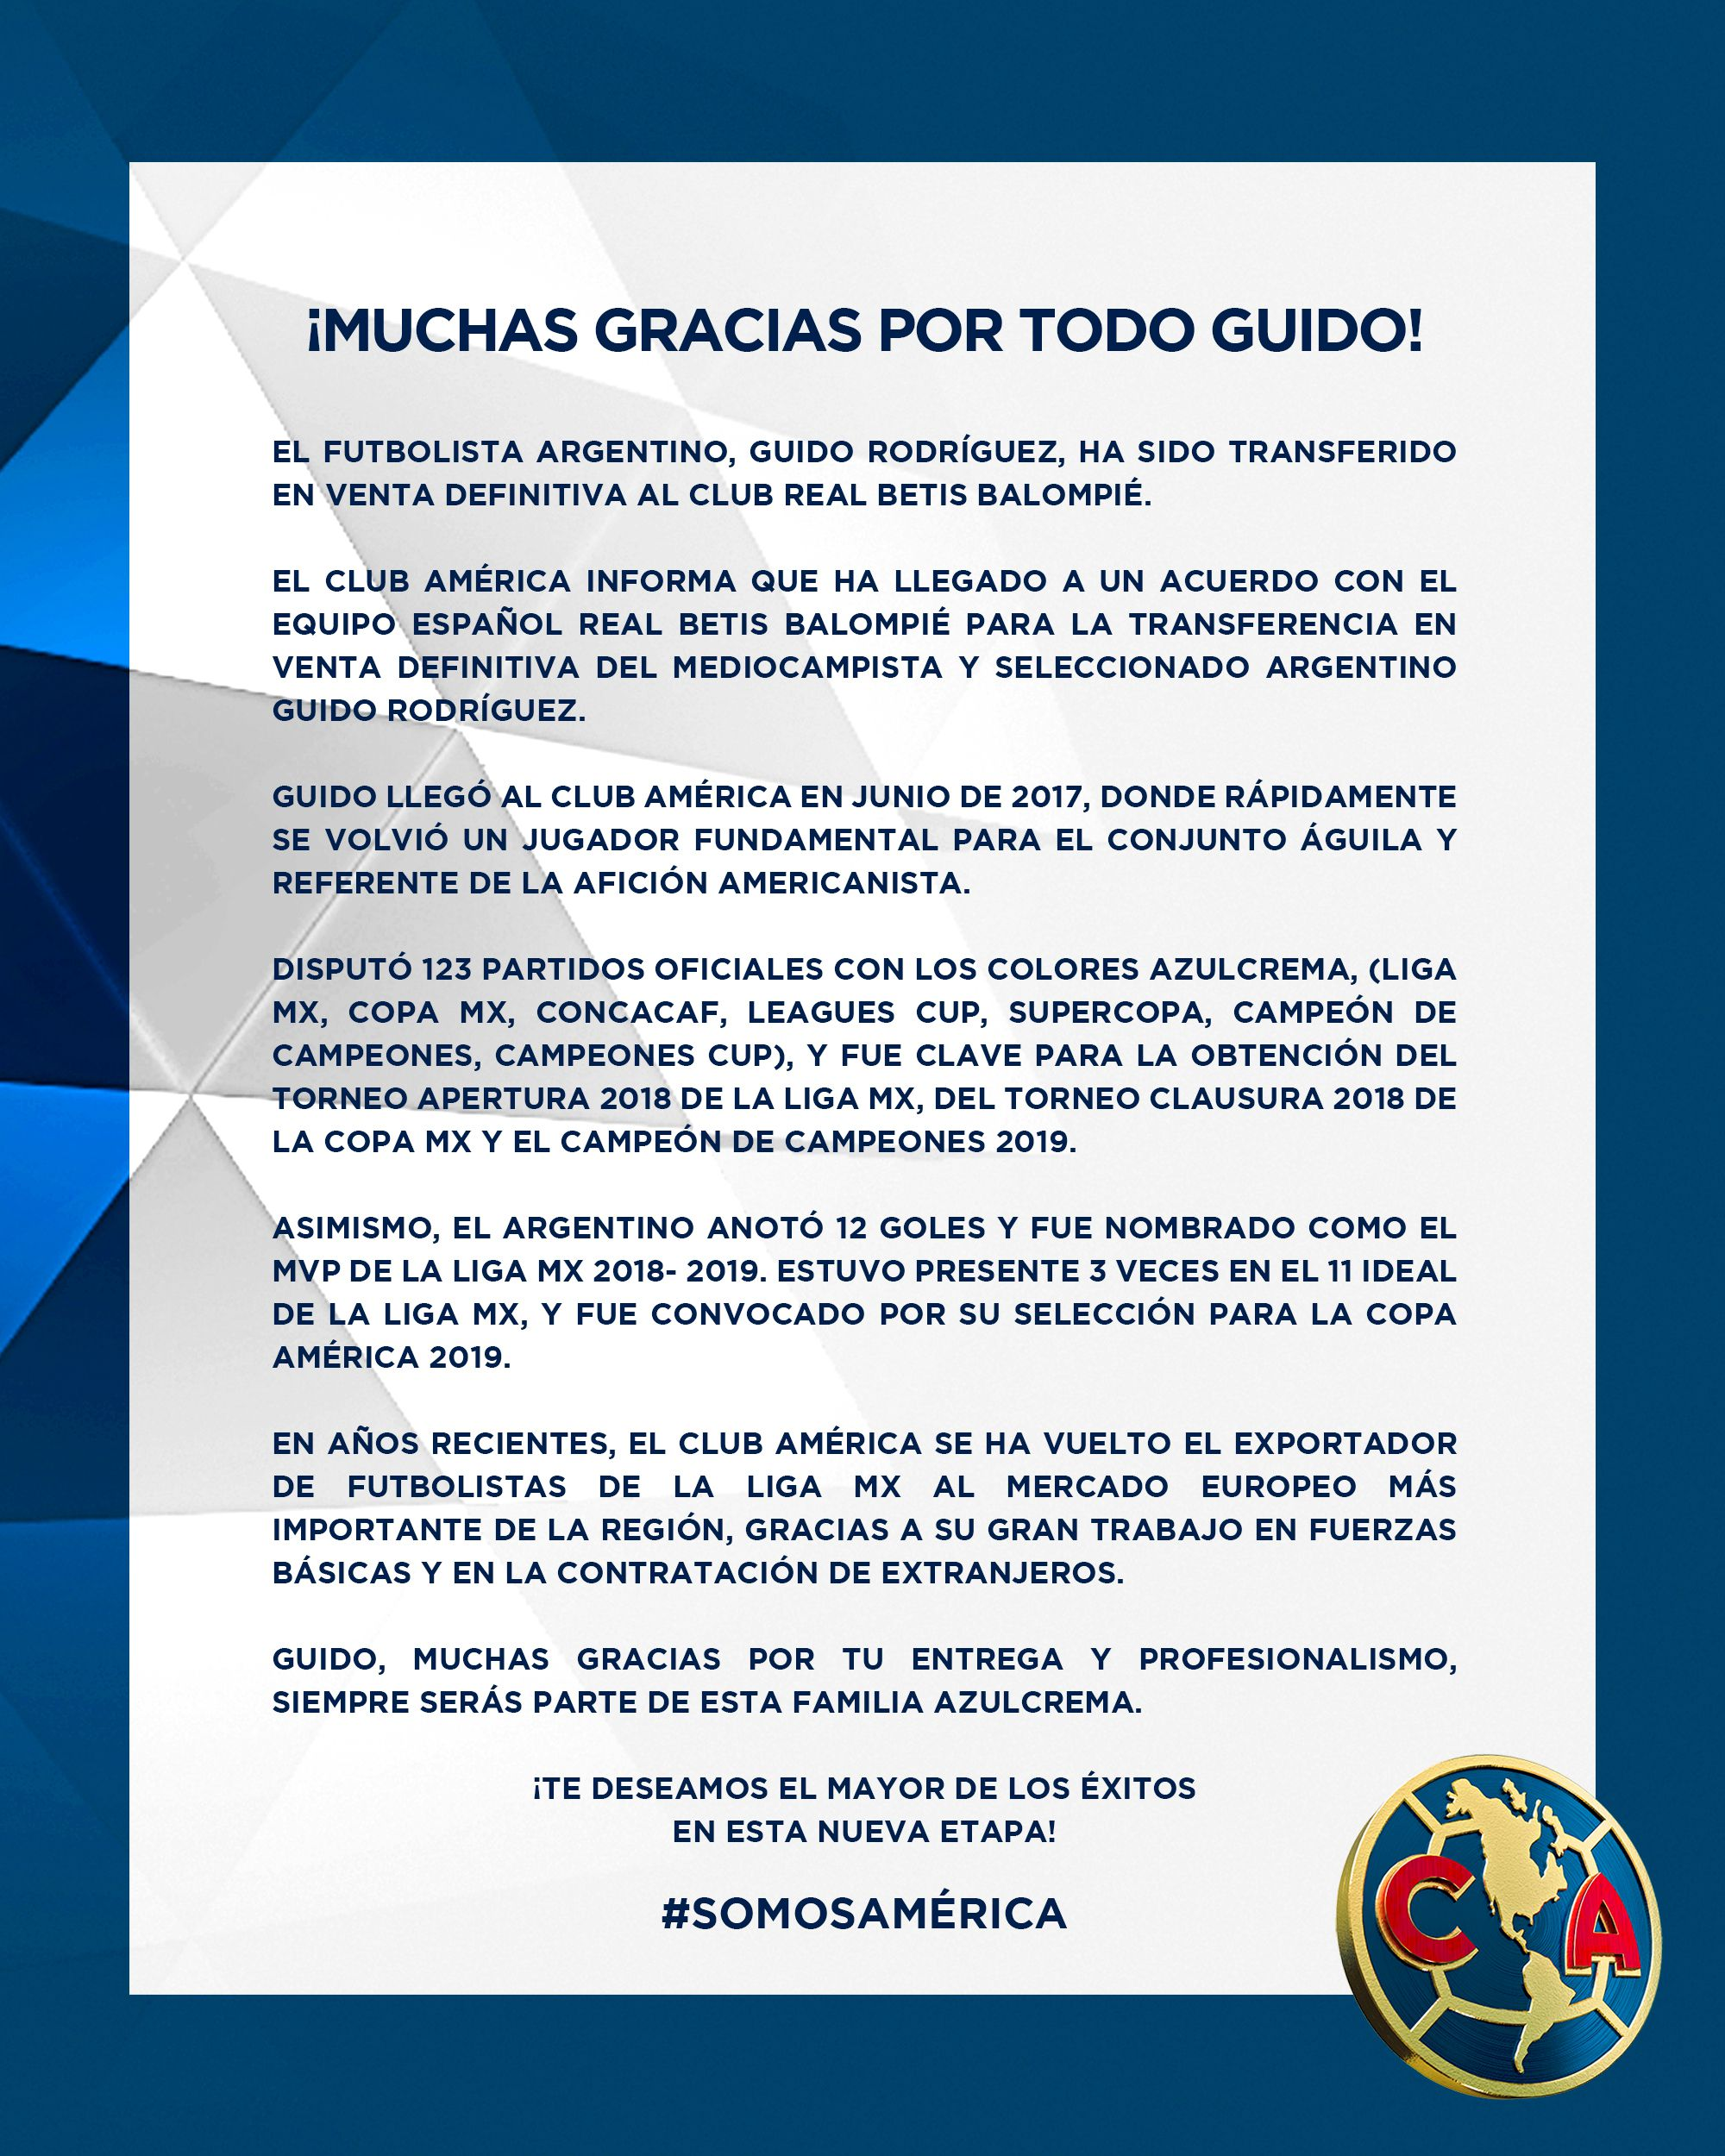 América se despidió de Guido Rodríguez en un comunicado (Foto: Twitter @ClubAmerica)